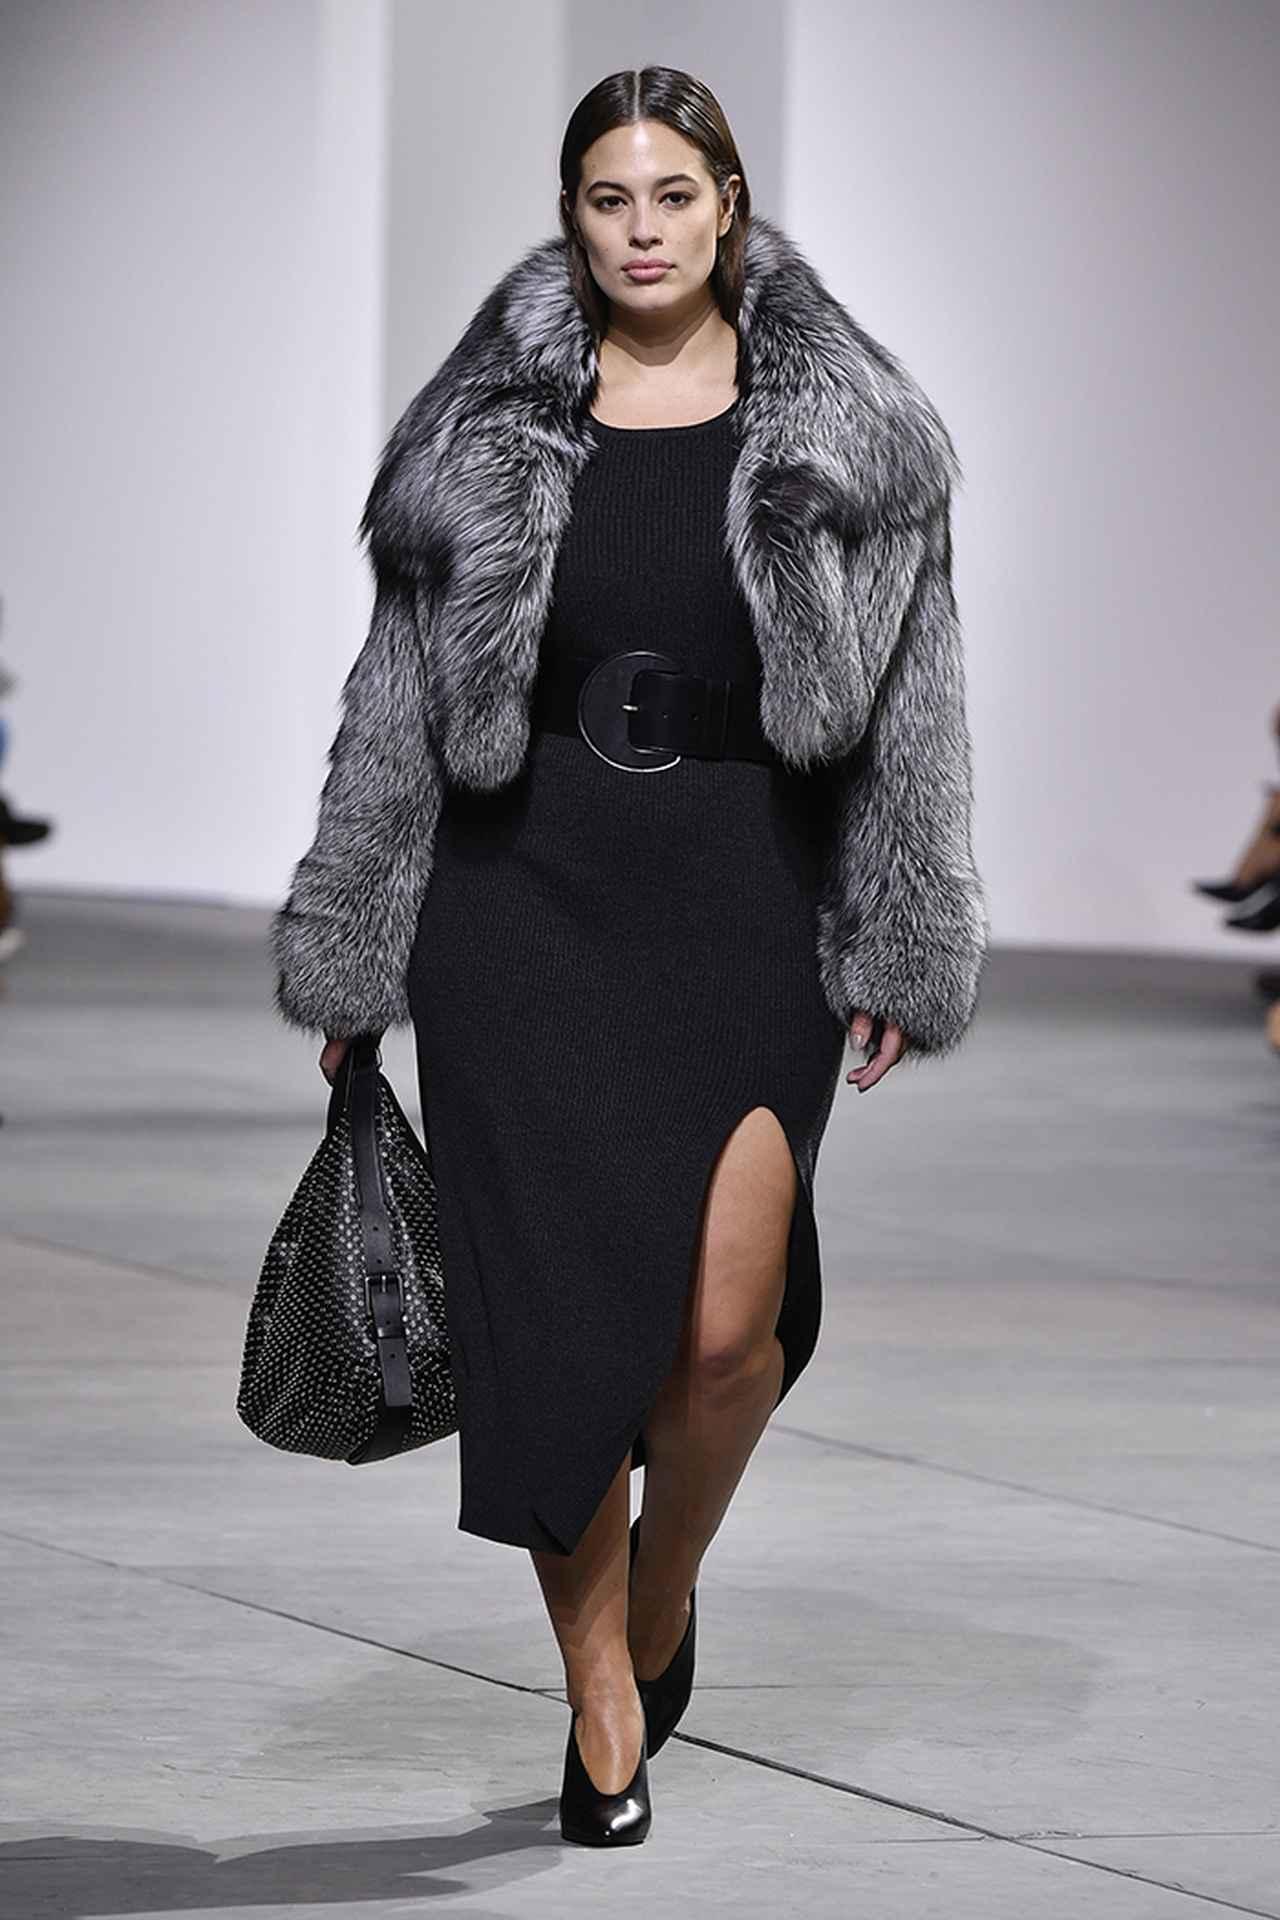 Images : 7番目の画像 - 「2017-18秋冬 ニューヨーク・ファッション・ウイークで 注目すべき10のこと」のアルバム - T JAPAN:The New York Times Style Magazine 公式サイト